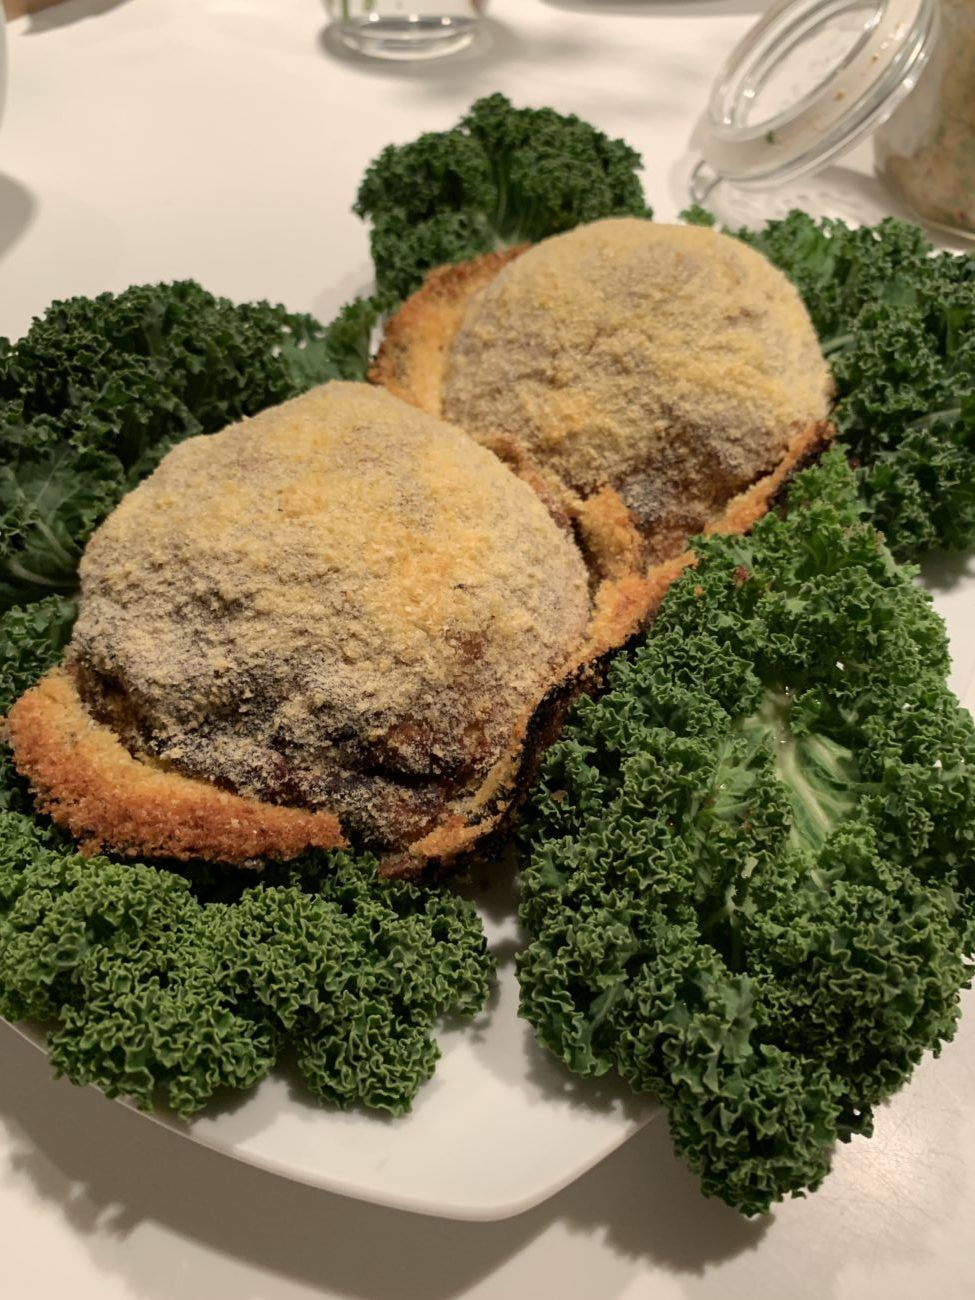 Vegansk julmat – 30 recept för ett komplett växtbaserat julbord tillsammans med Anamma! | Jävligt gott - vegetarisk mat och vegetariska recept för alla, lagad enkelt och jävligt gott. #julmatjulbord